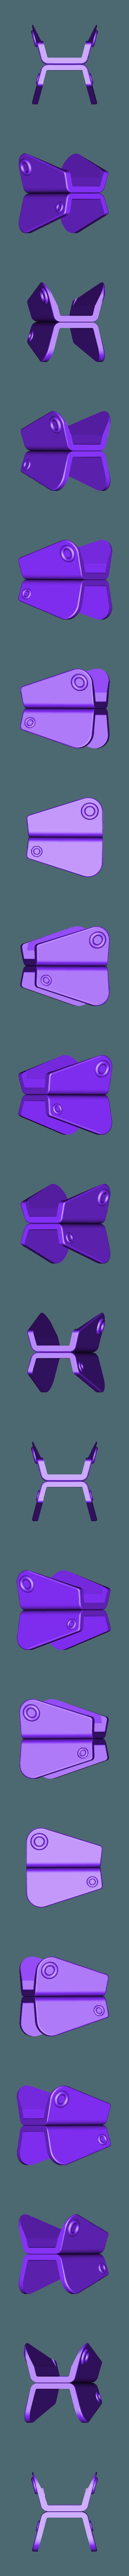 Mount_Joint.stl Télécharger fichier STL gratuit Borderlands Bandit Room Clener Shotgun • Modèle pour impression 3D, Dsk